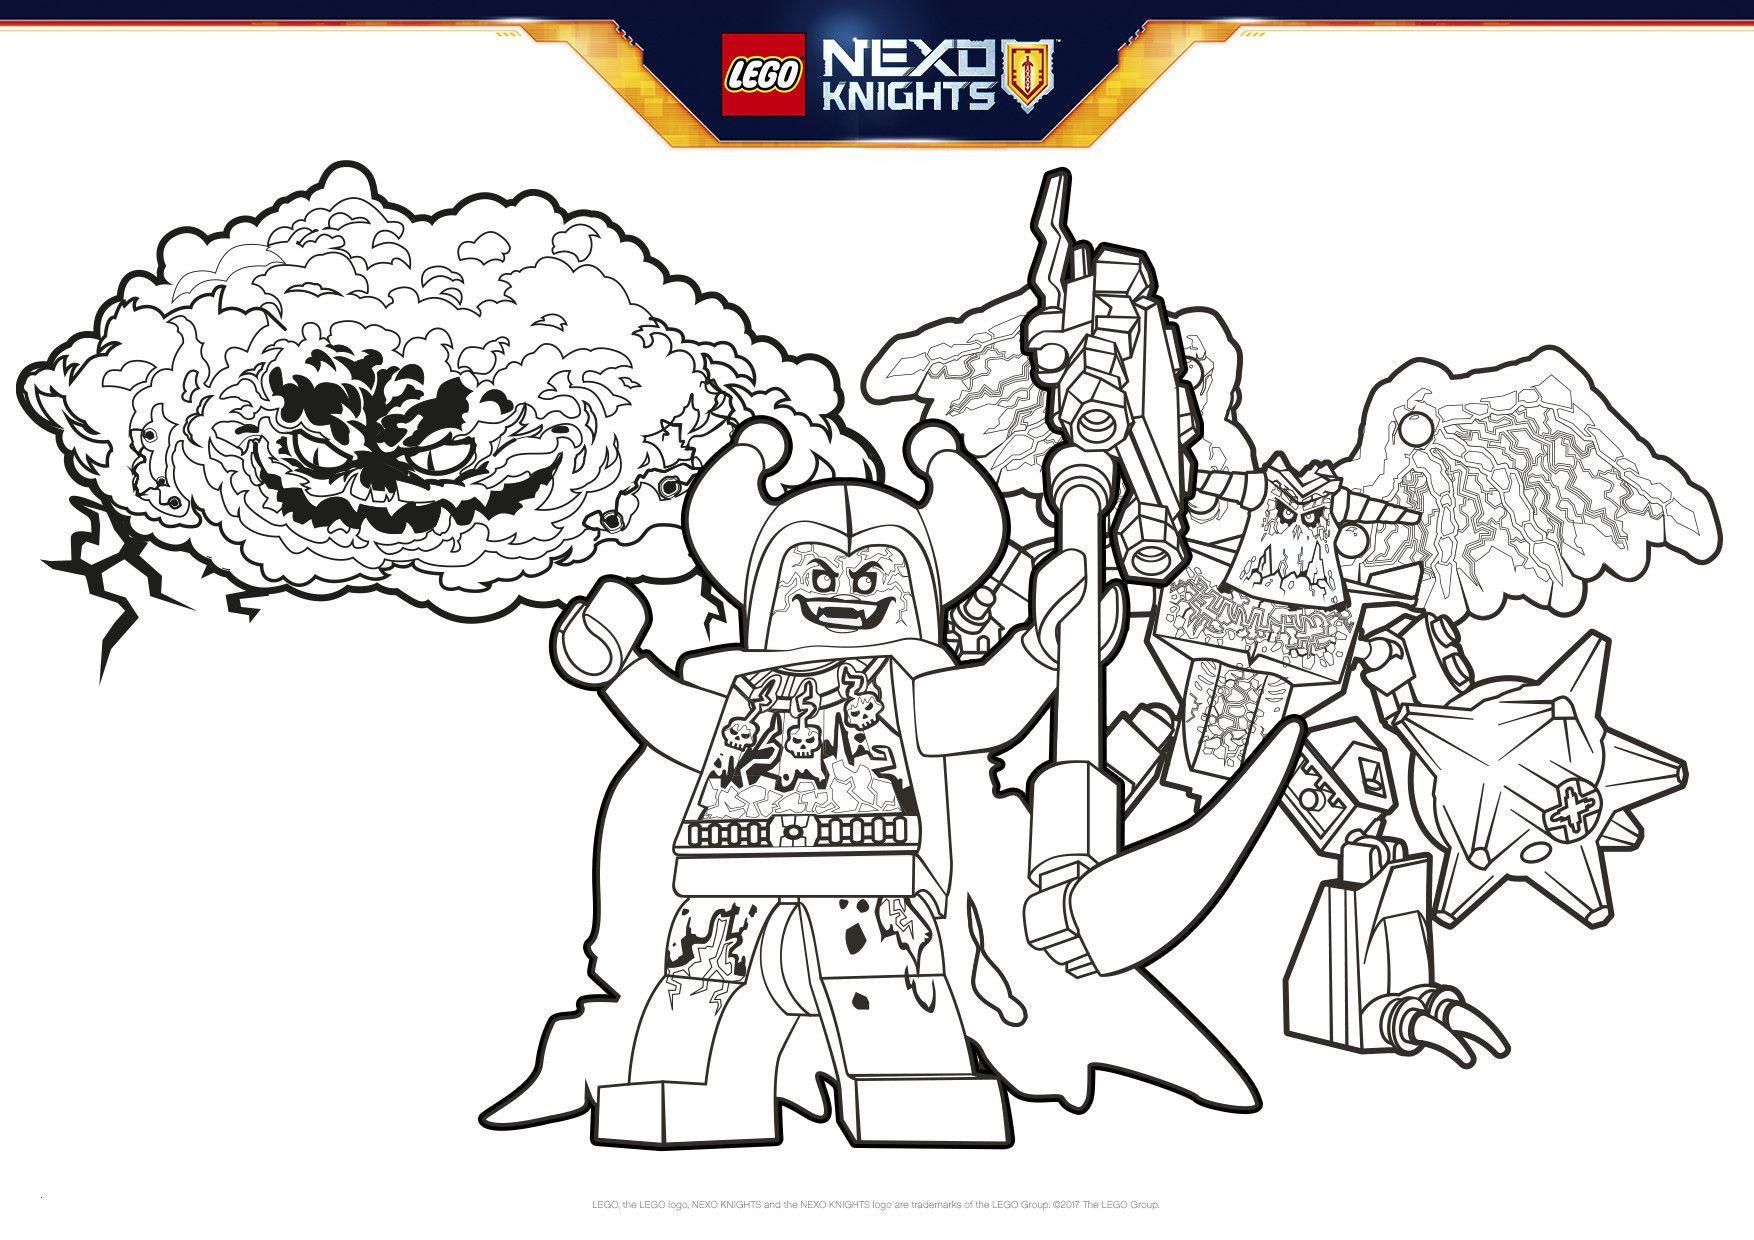 Malvorlagen Filly Das Beste Von Nexo Knights Ausmalbilder Kostenlos Coloriage Lego Nexo Wddj Stock